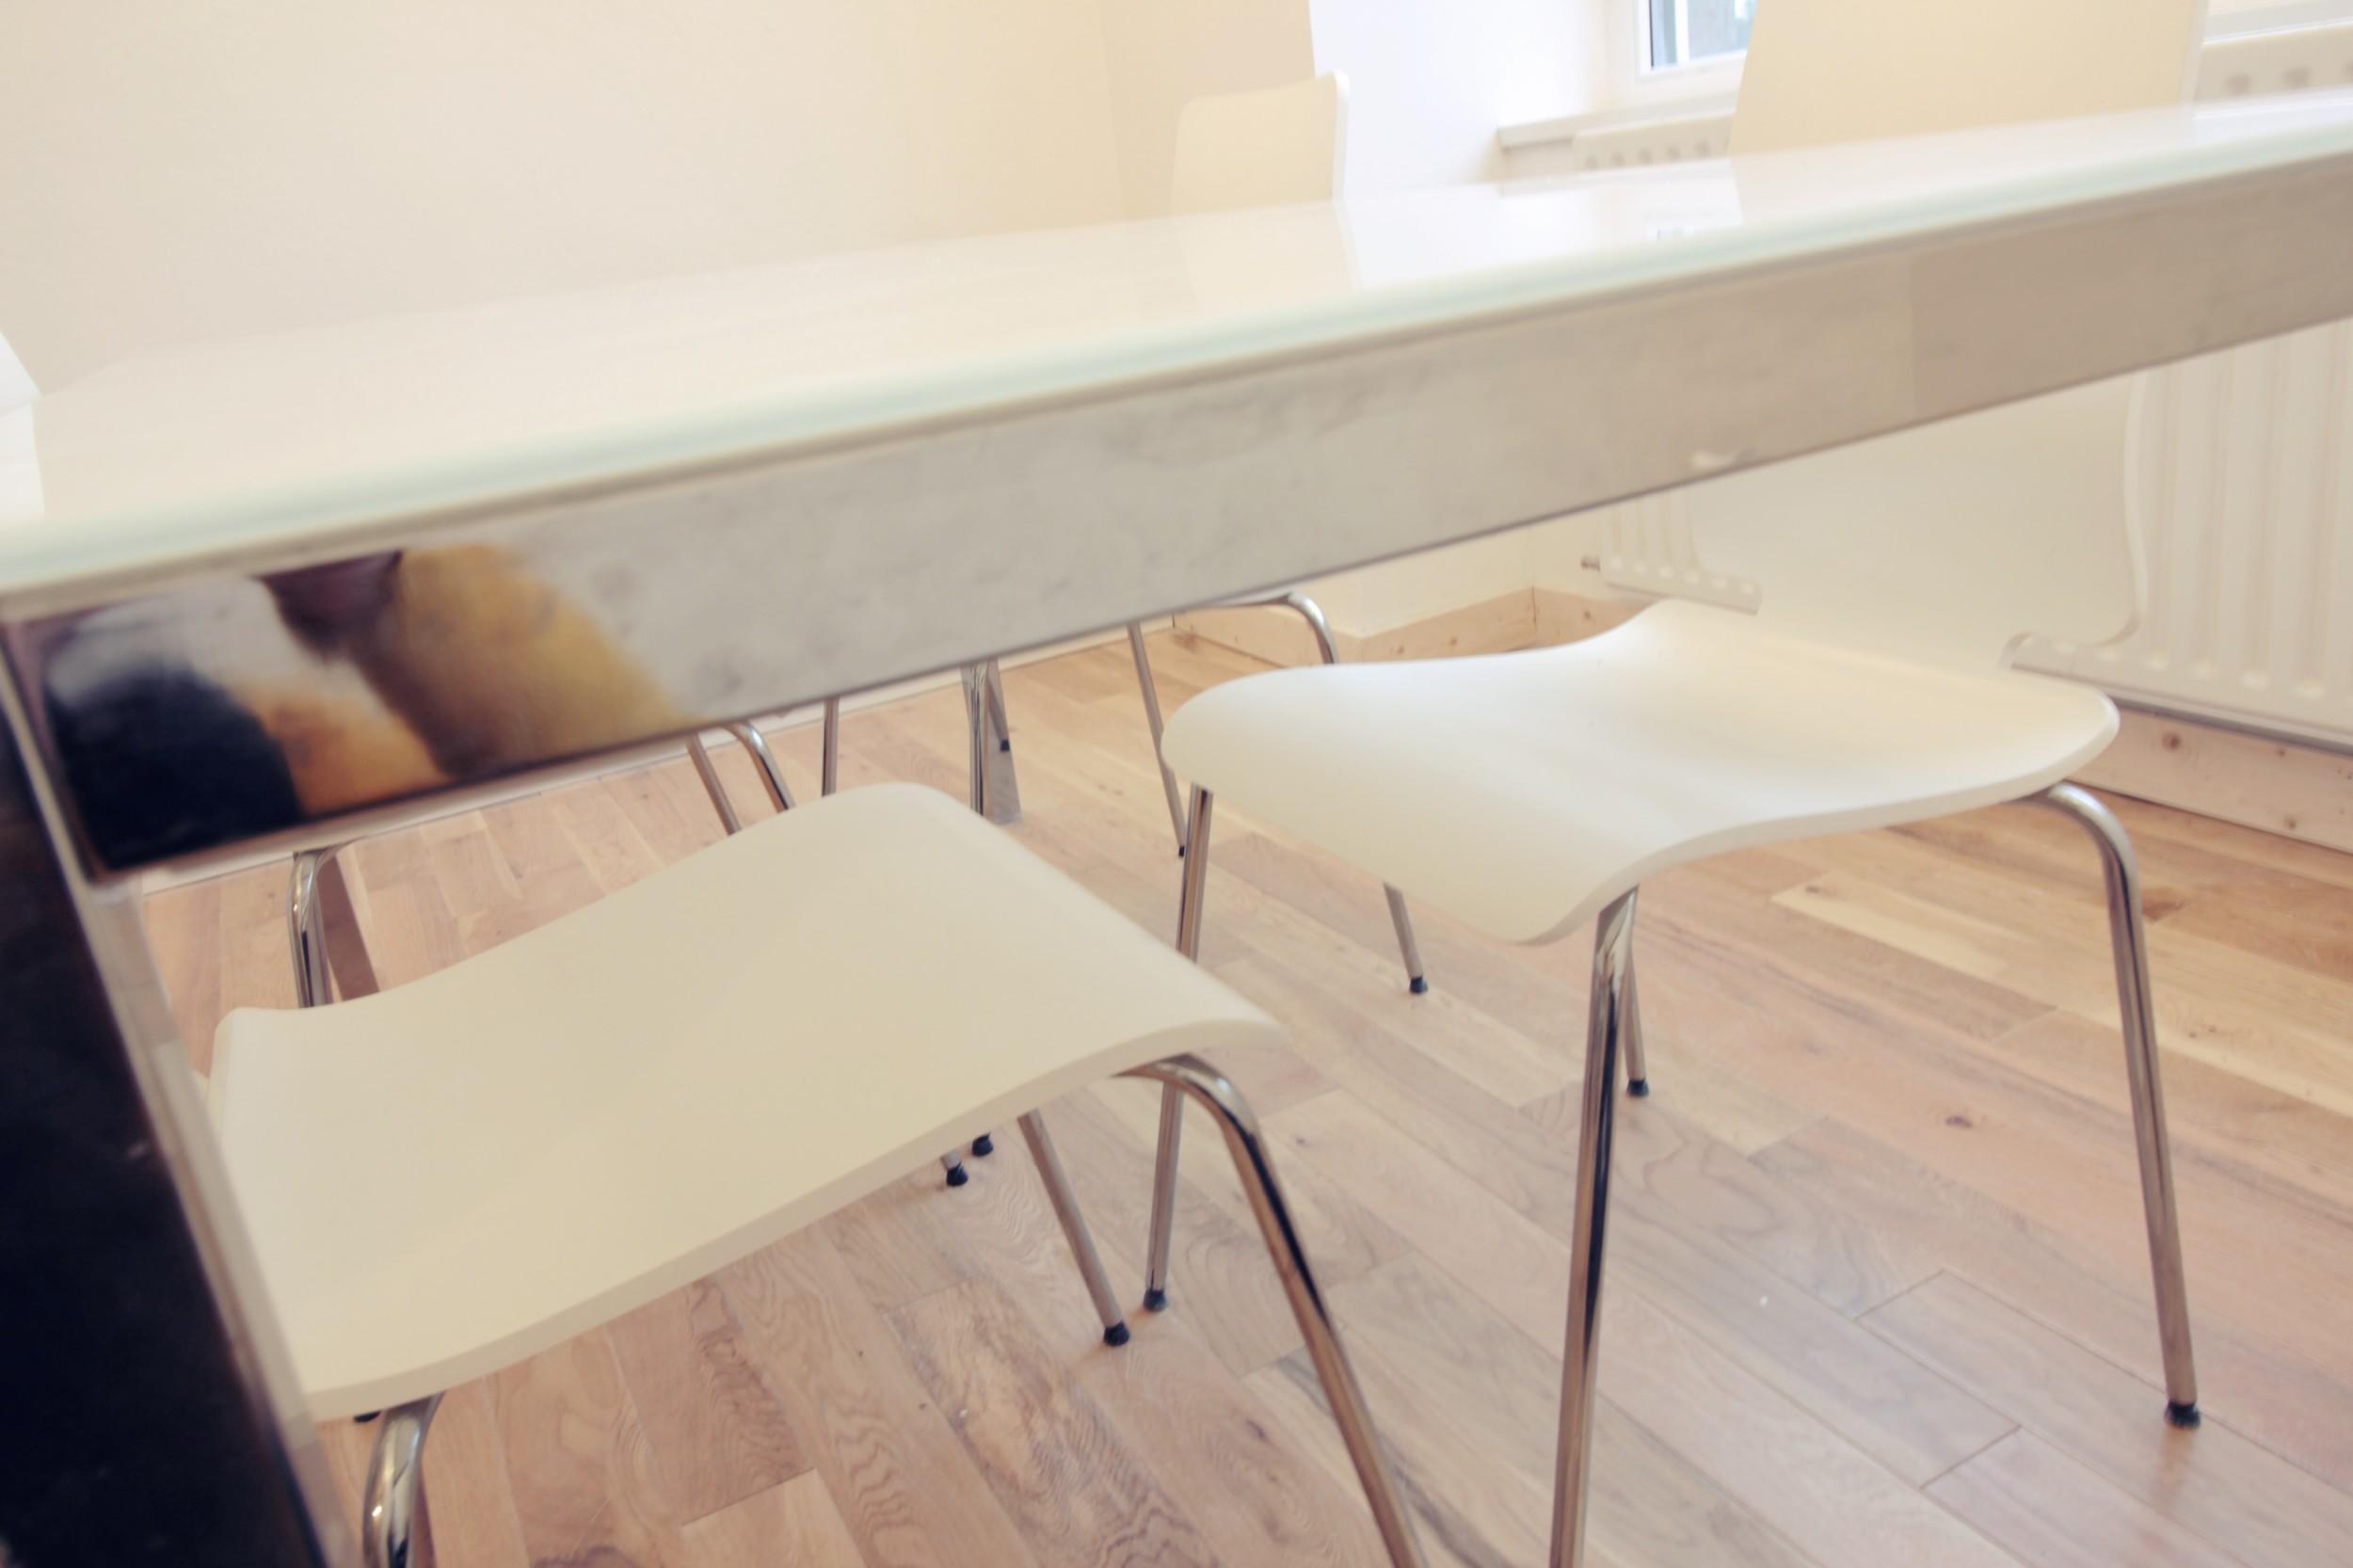 meeting-room-02.JPG